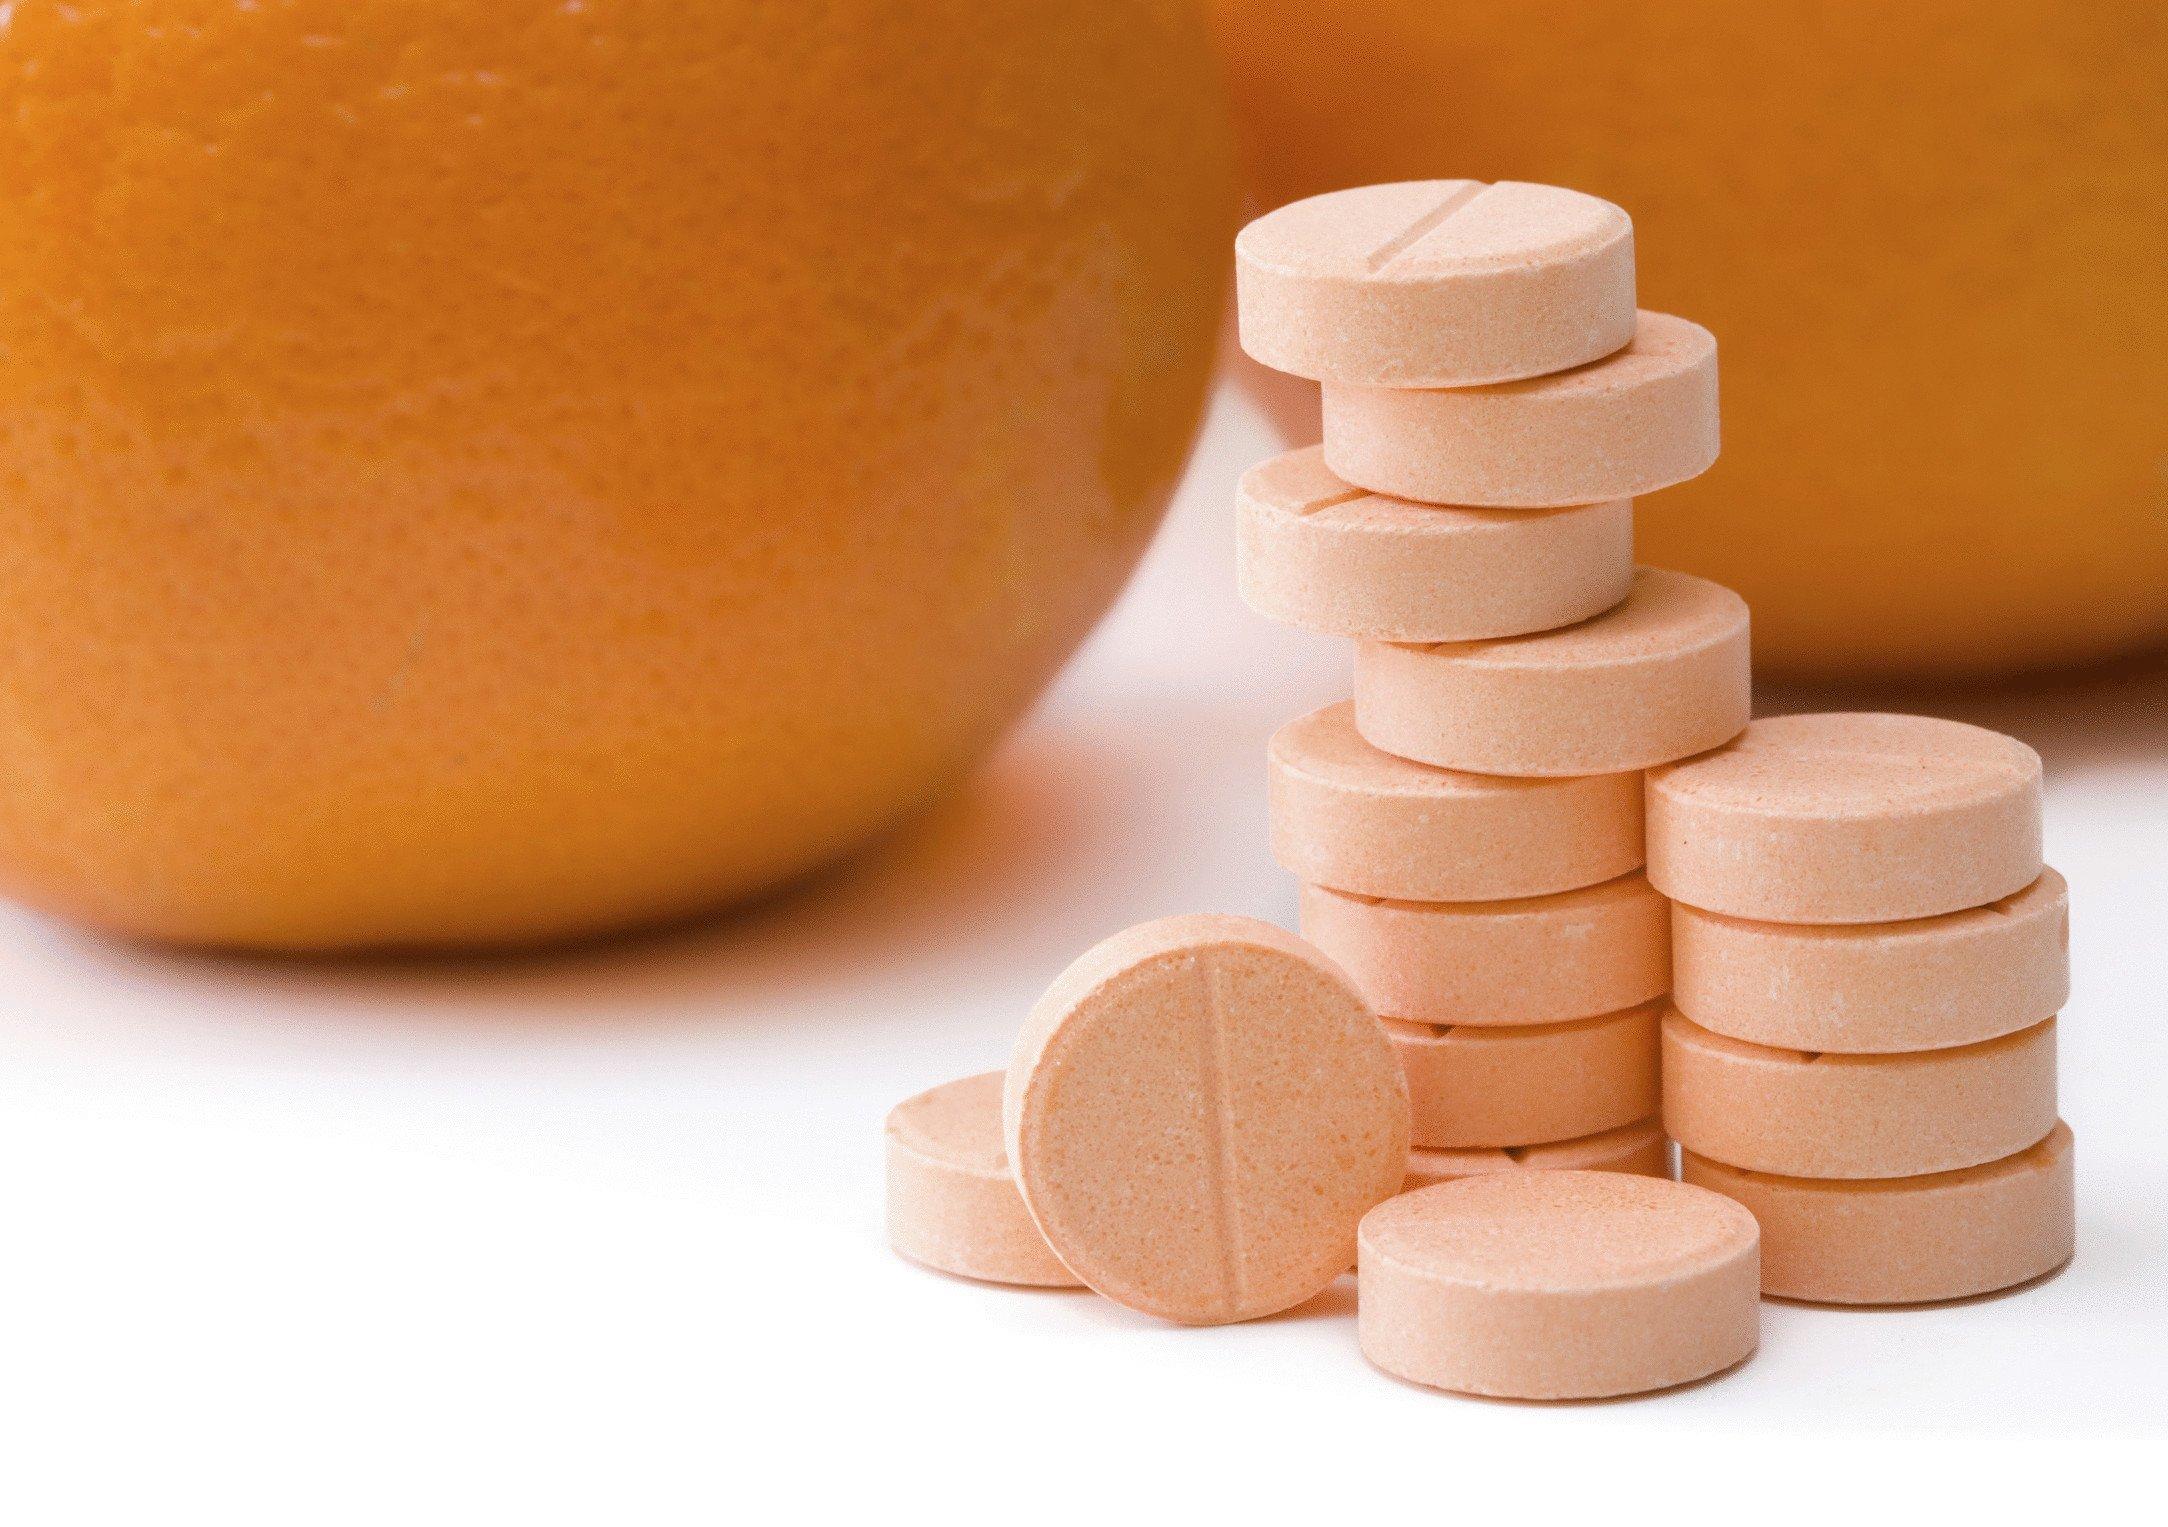 Врачи Витамин С помогает в борьбе с онкологическими заболеваниями